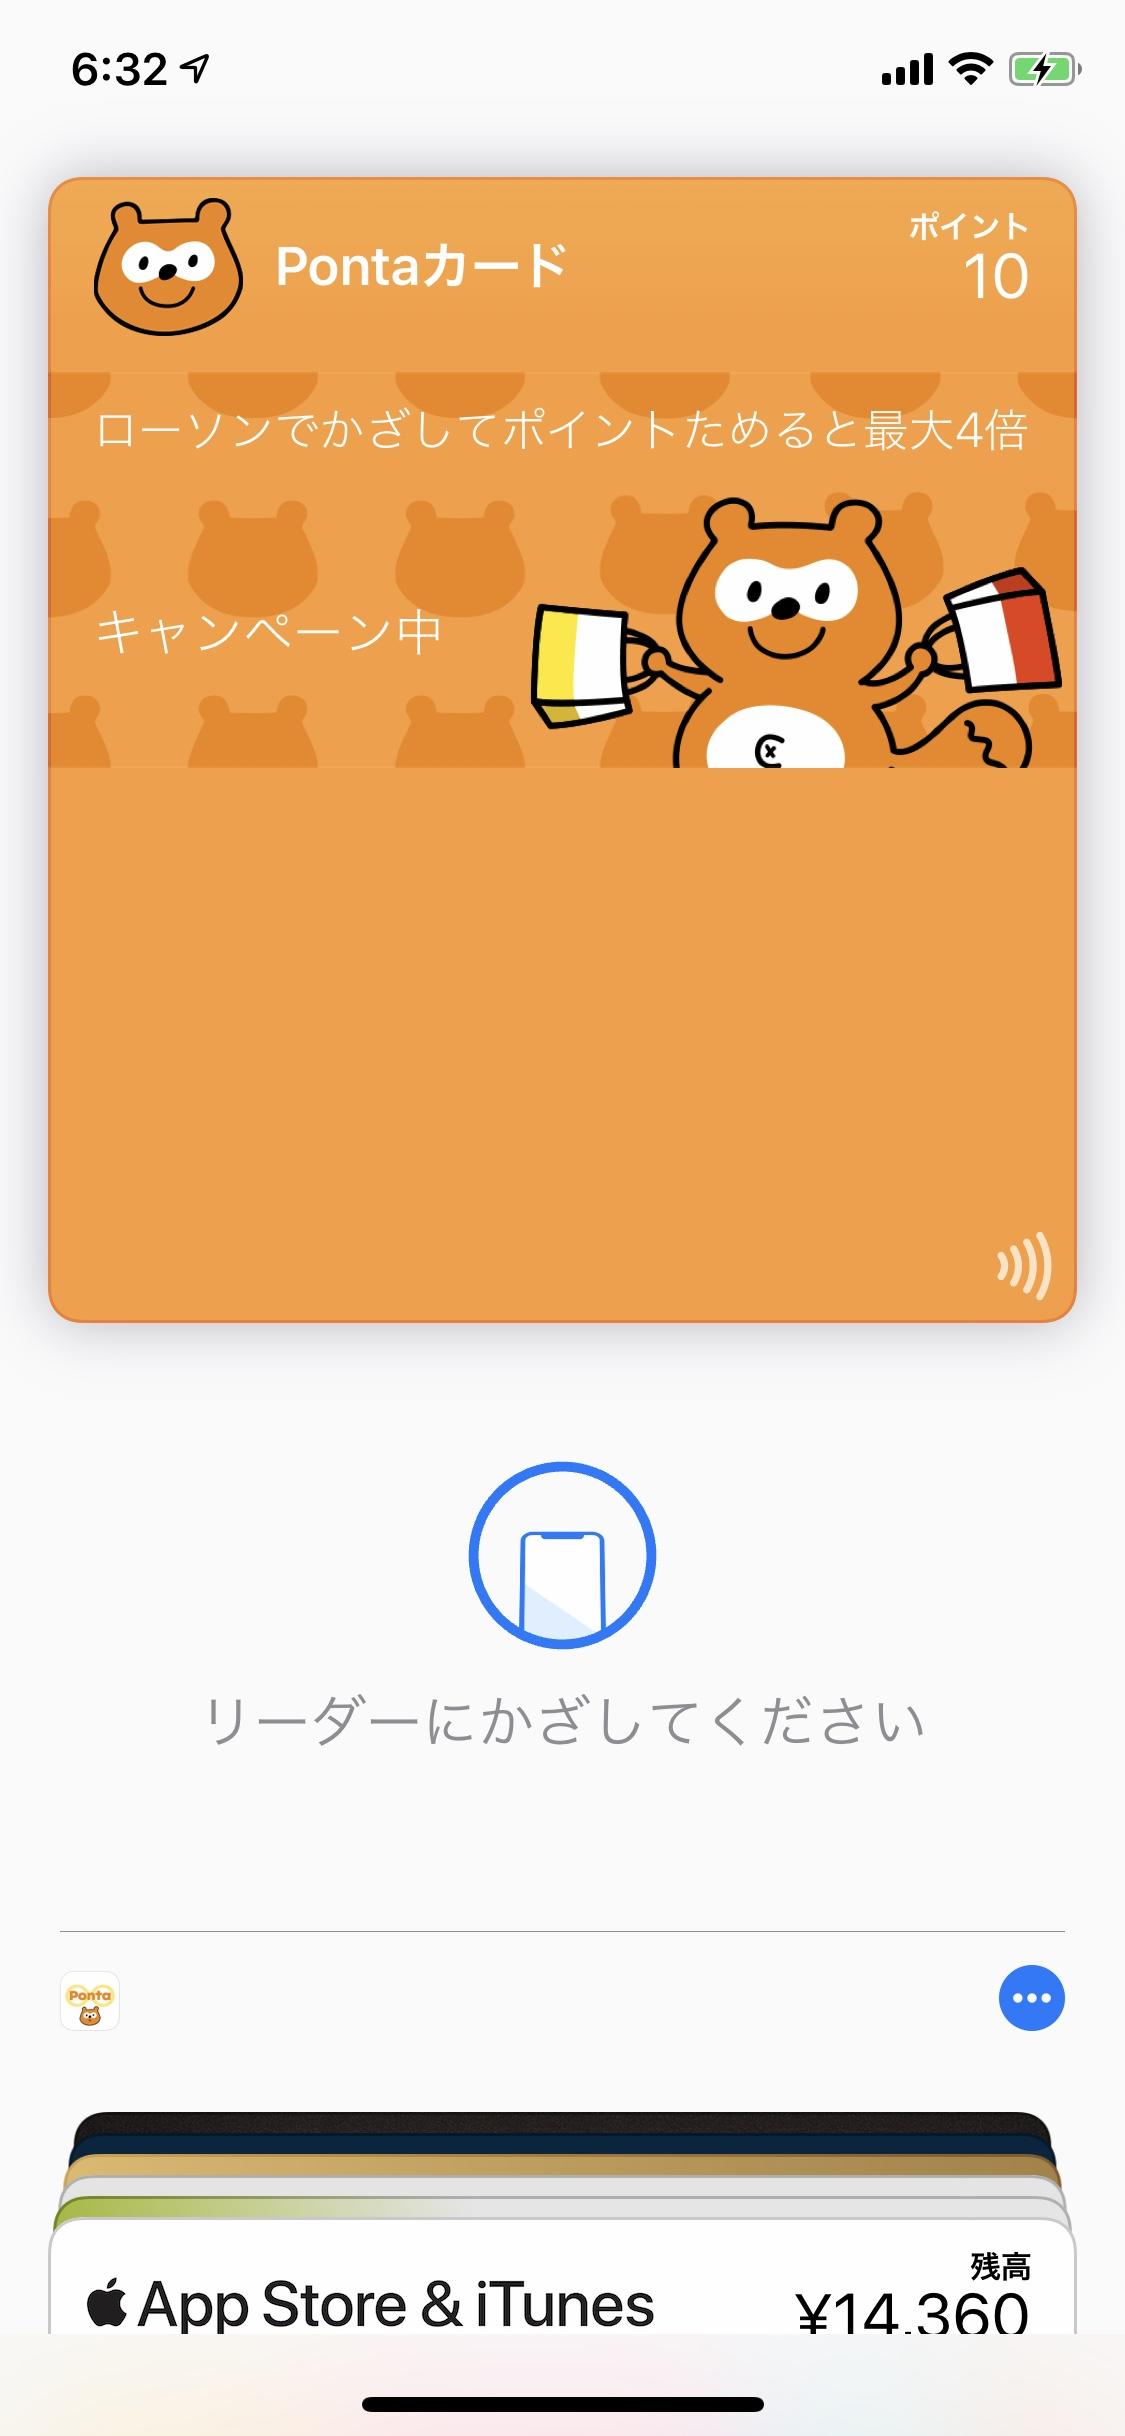 Apple Wallet Ponta contactless rewards card at LAWSON | Ata